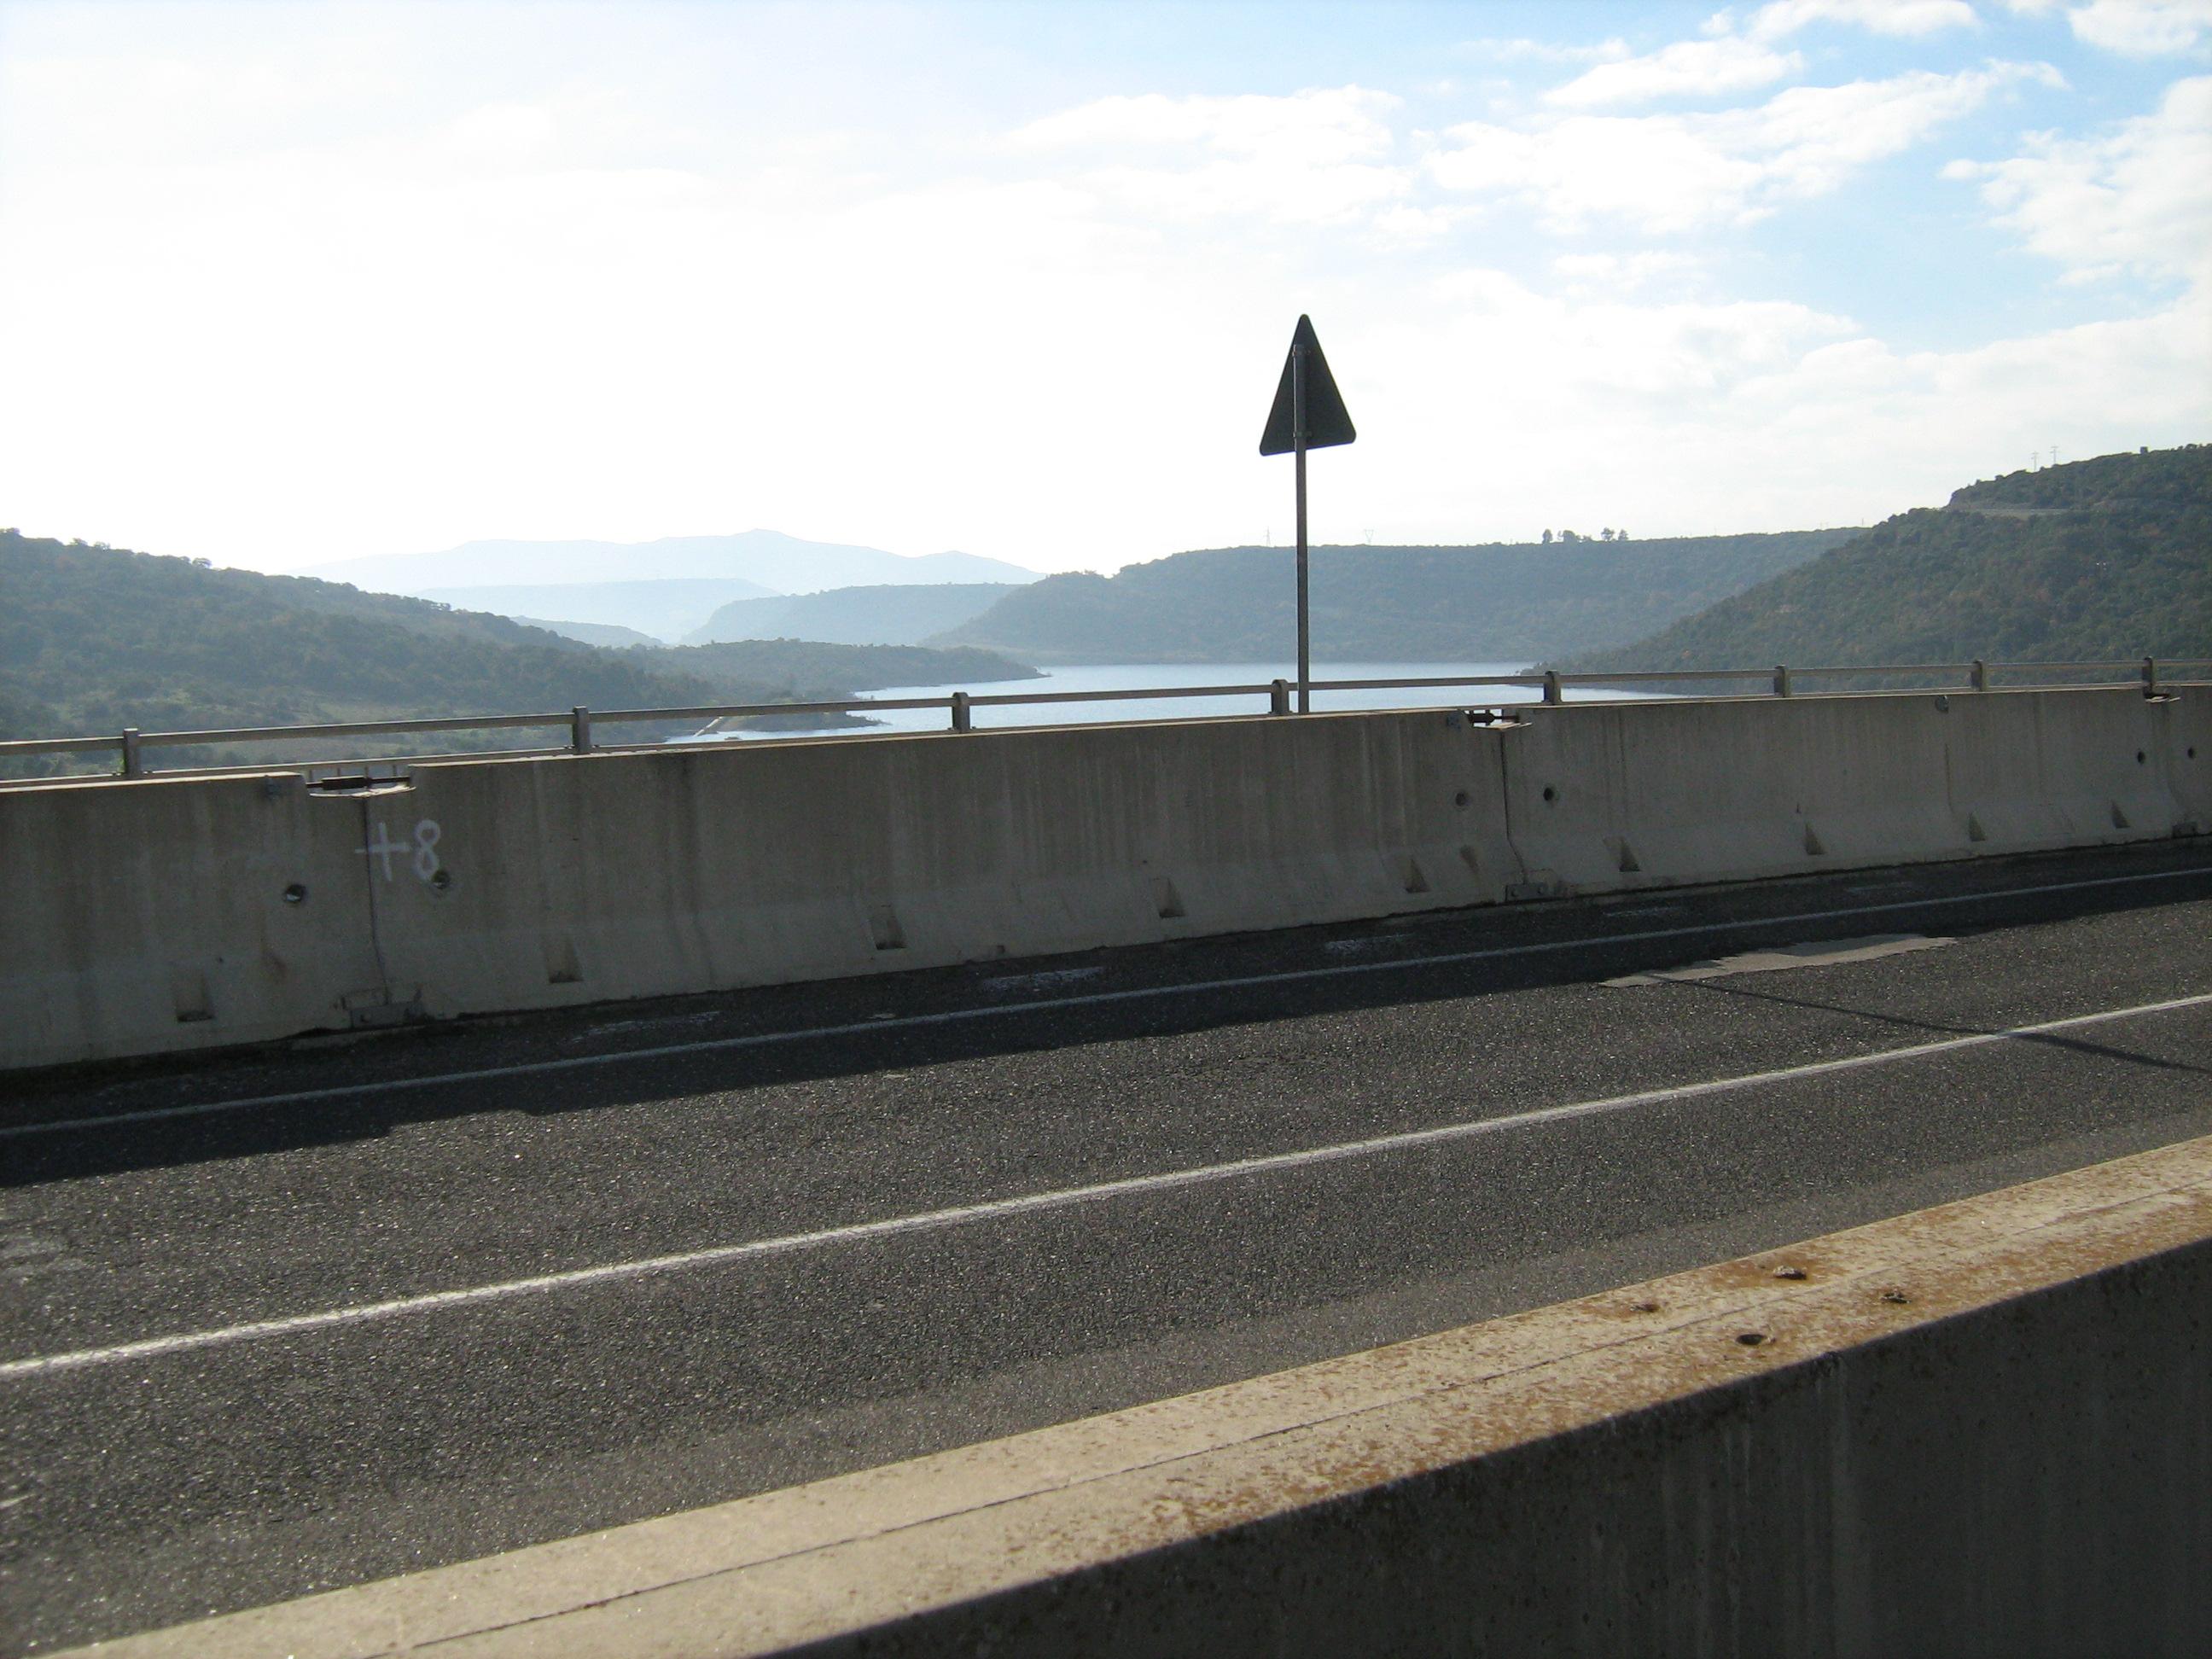 Dicembre 2007 - La strada sul lago